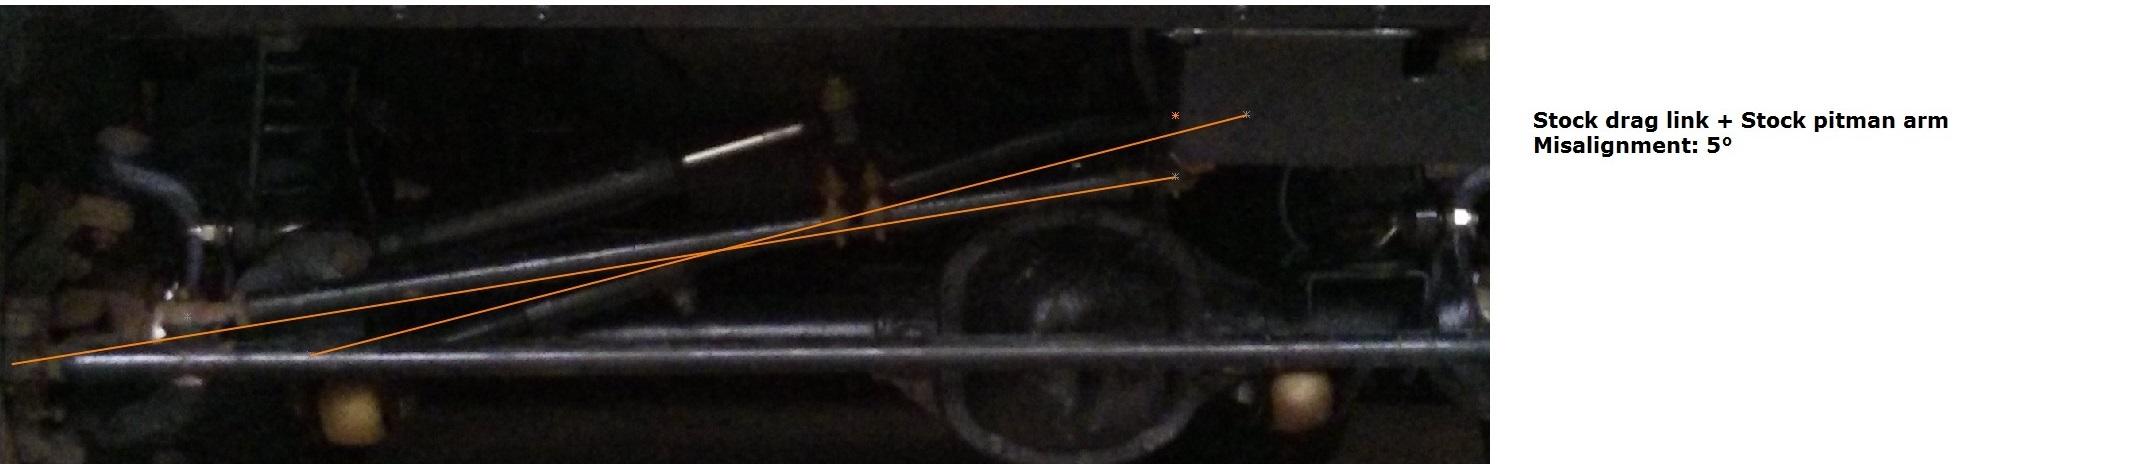 jeep-estimate-various-setups2.jpg